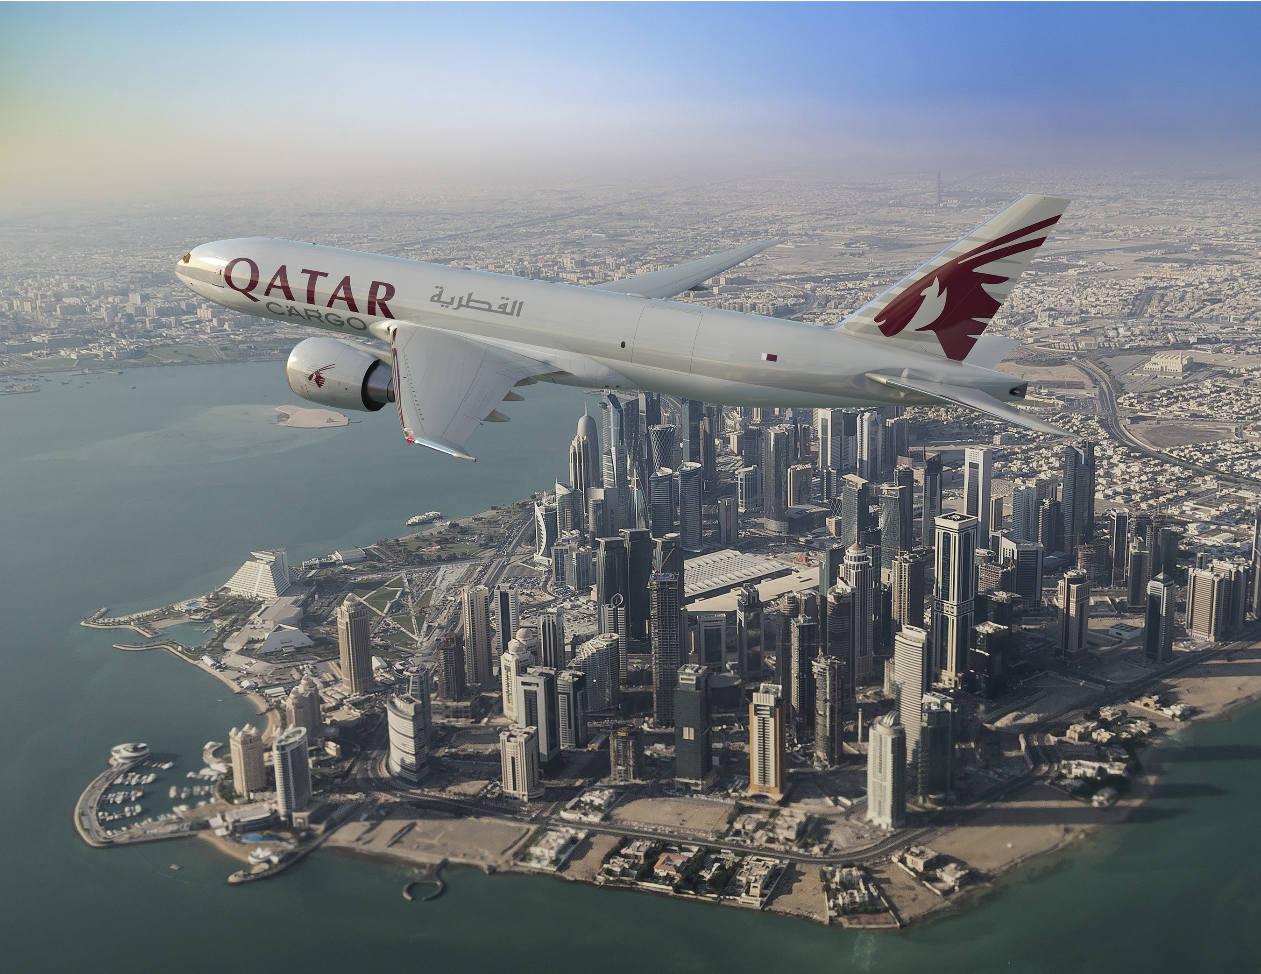 Qatar Airways Cargo expands network